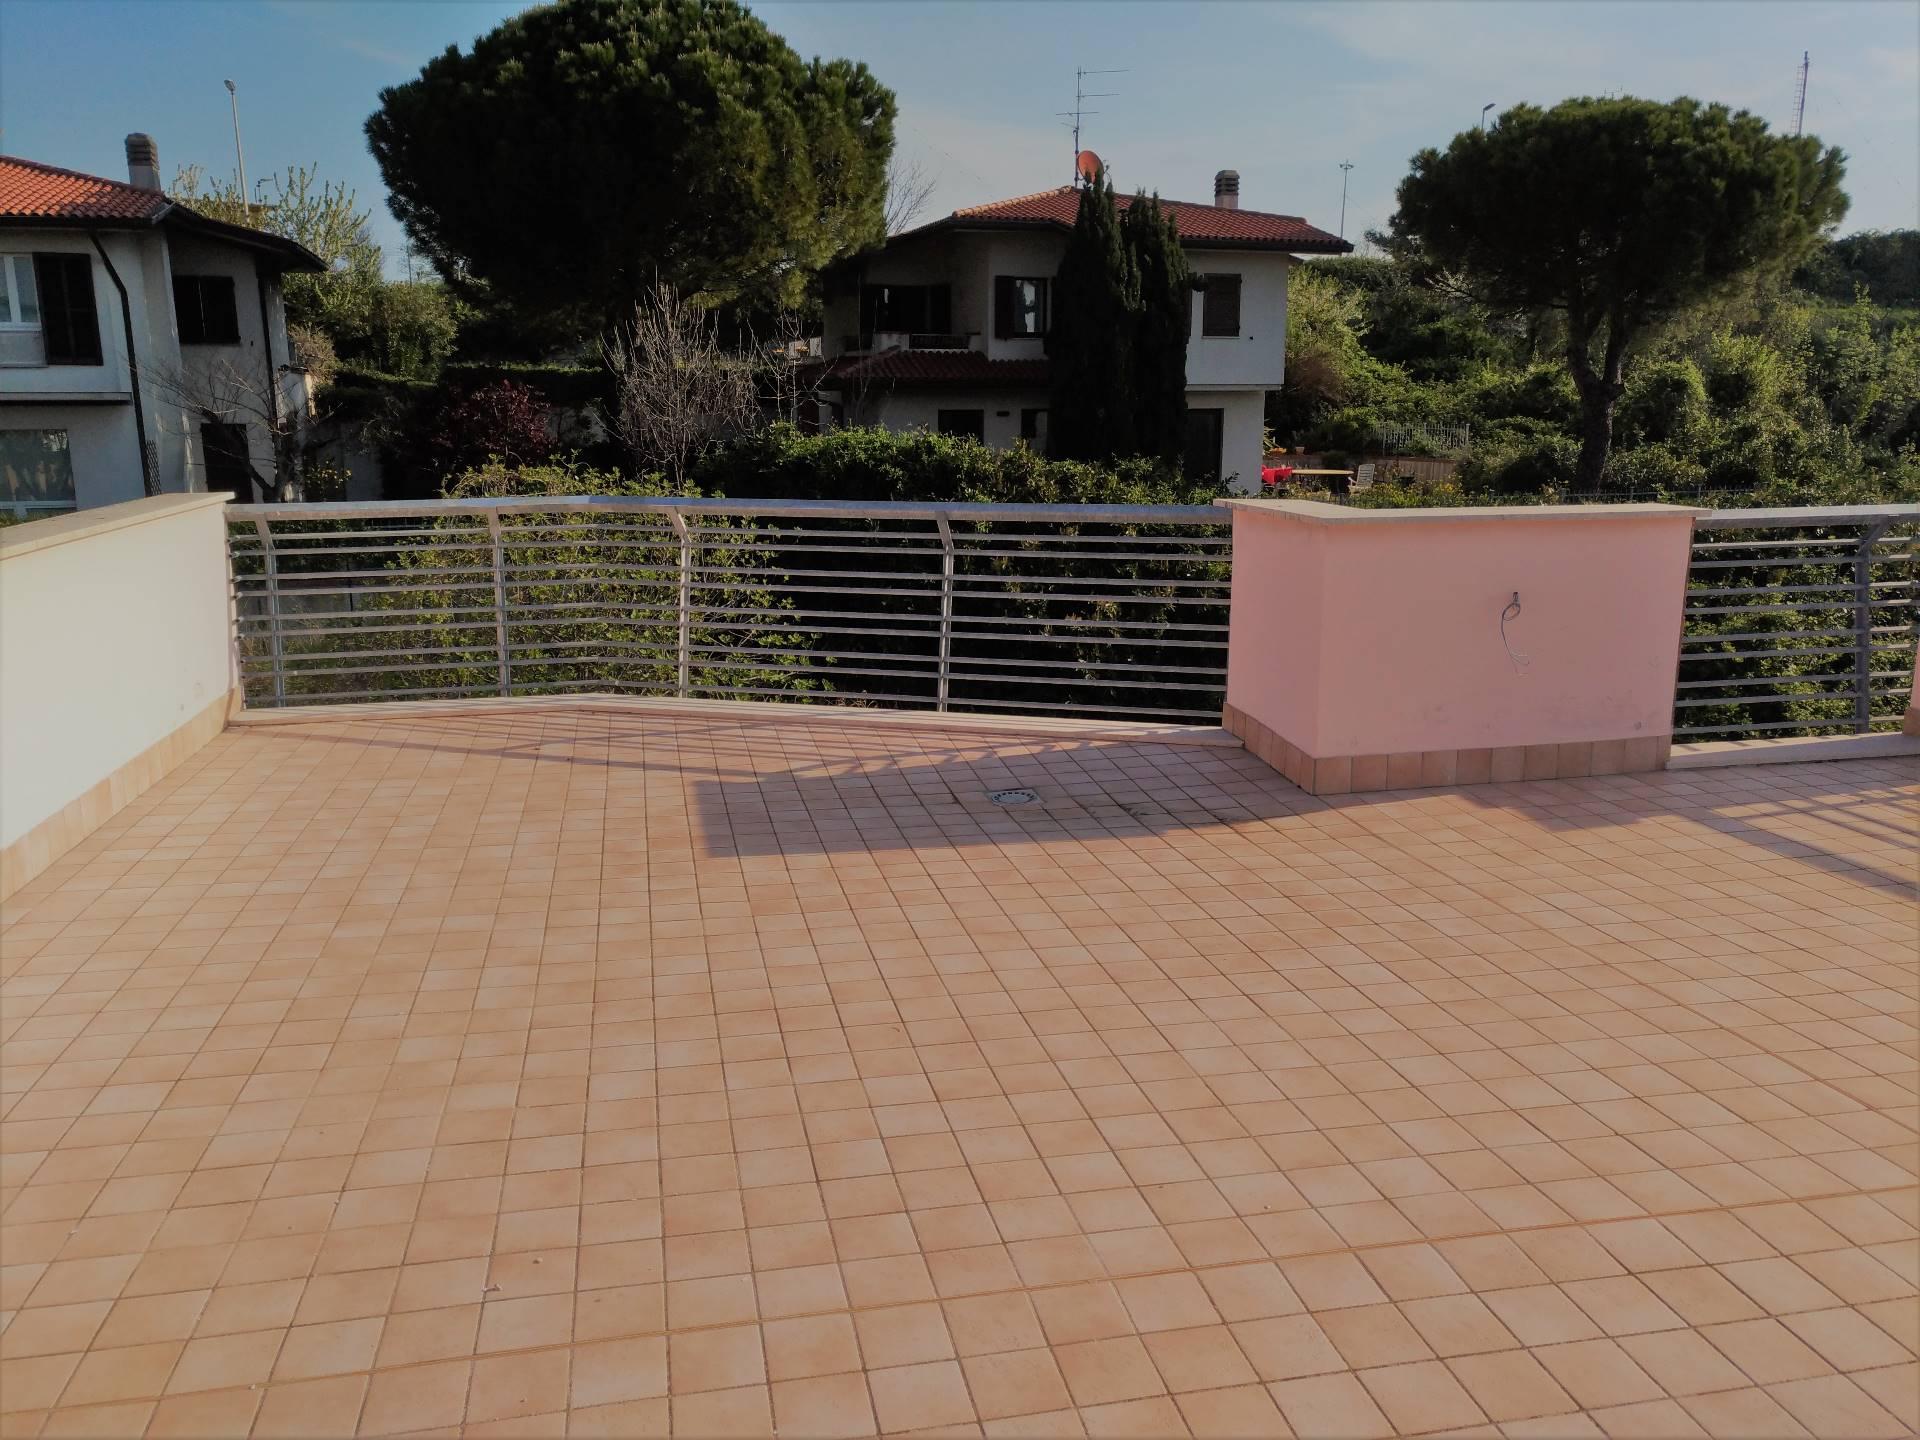 Appartamento in affitto a Ancona, 4 locali, zona Località: BorgoRodi, prezzo € 700 | Cambio Casa.it